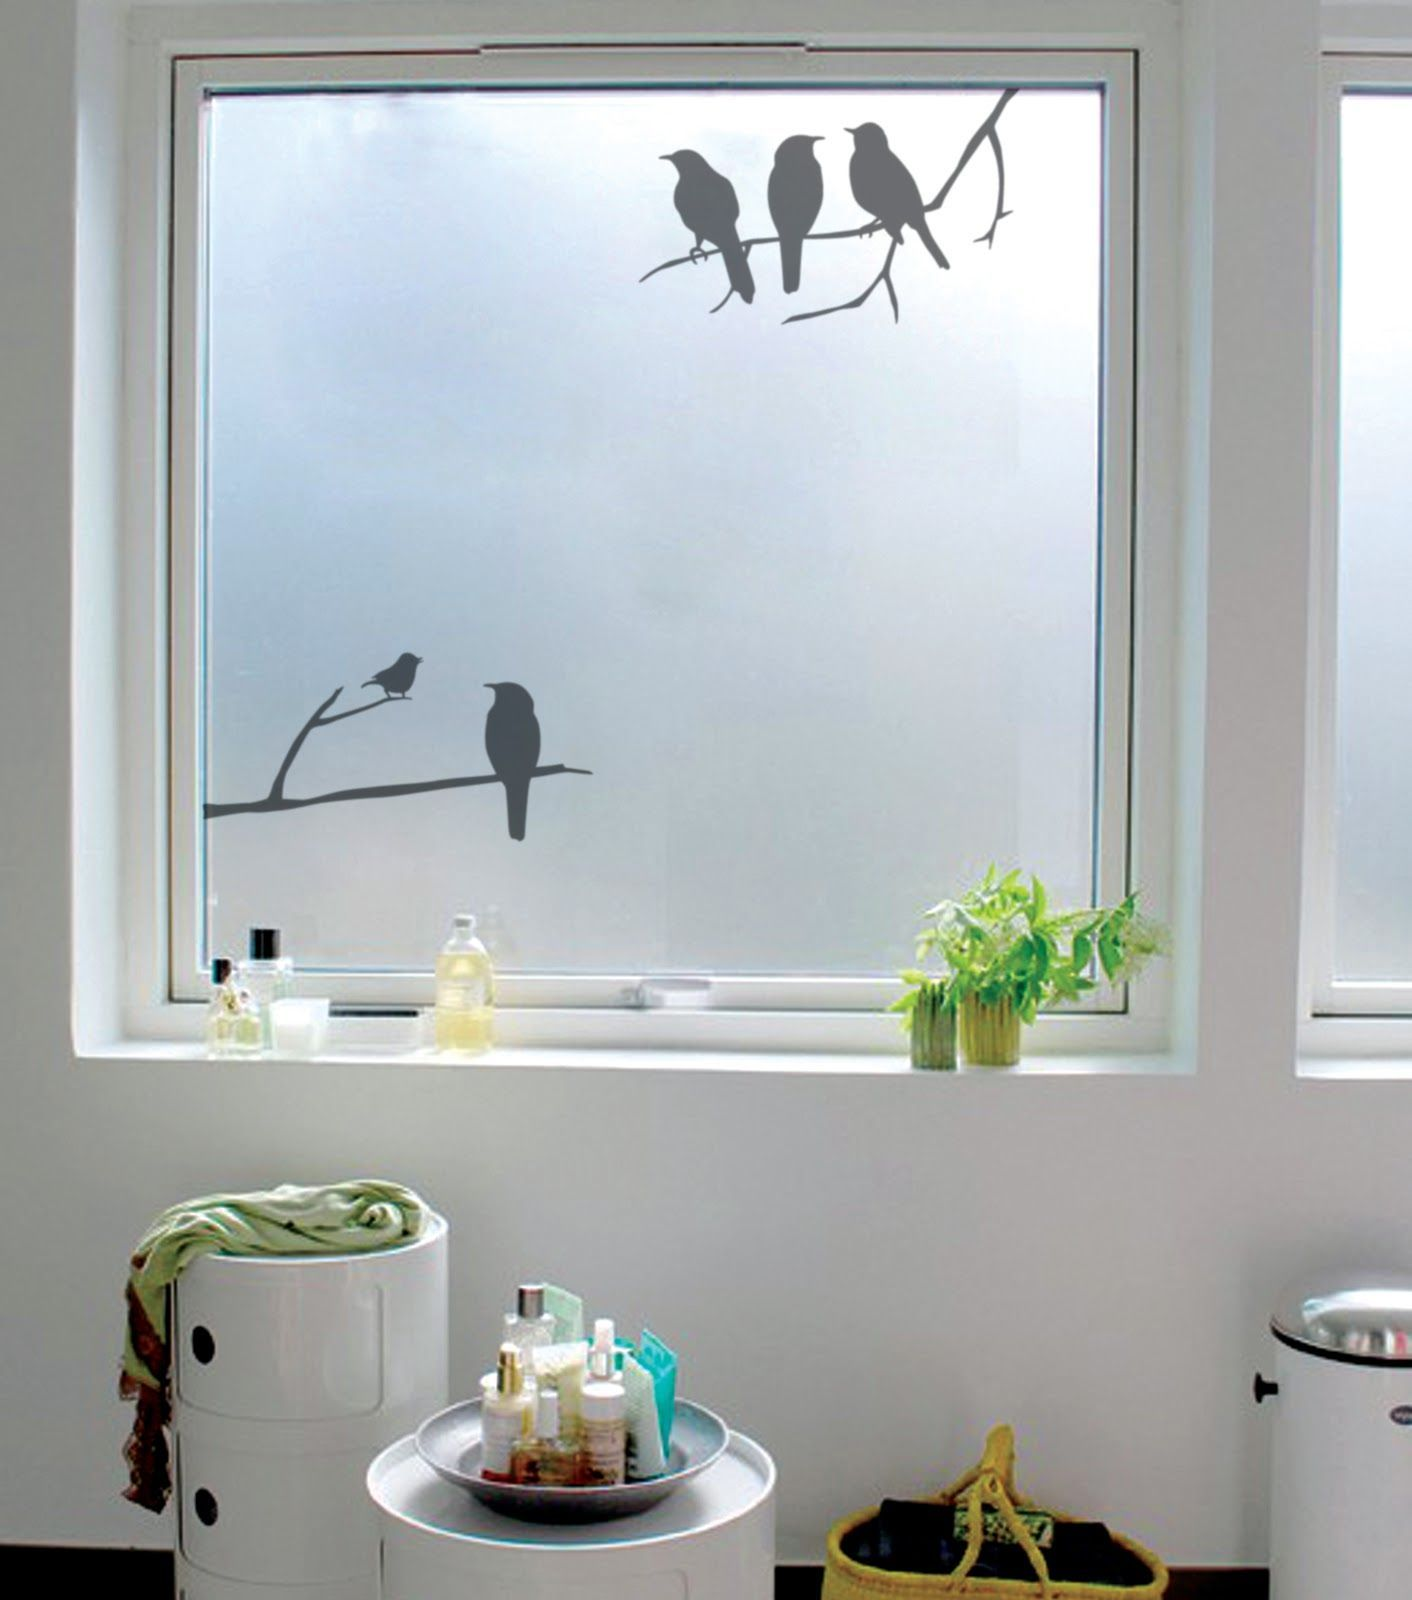 Vinilos o cristales decorativos para ventanas